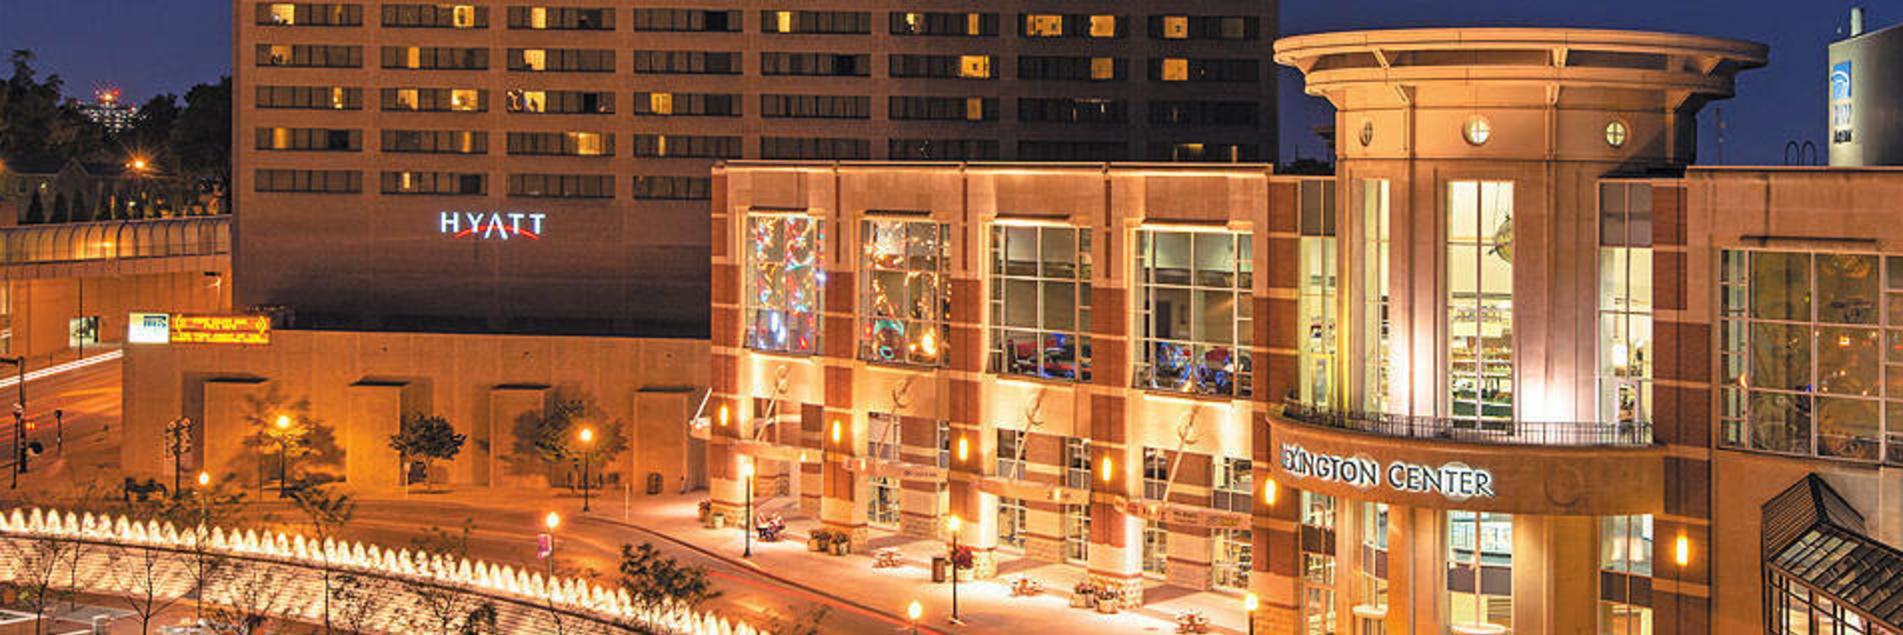 LCC & Hyatt at Night